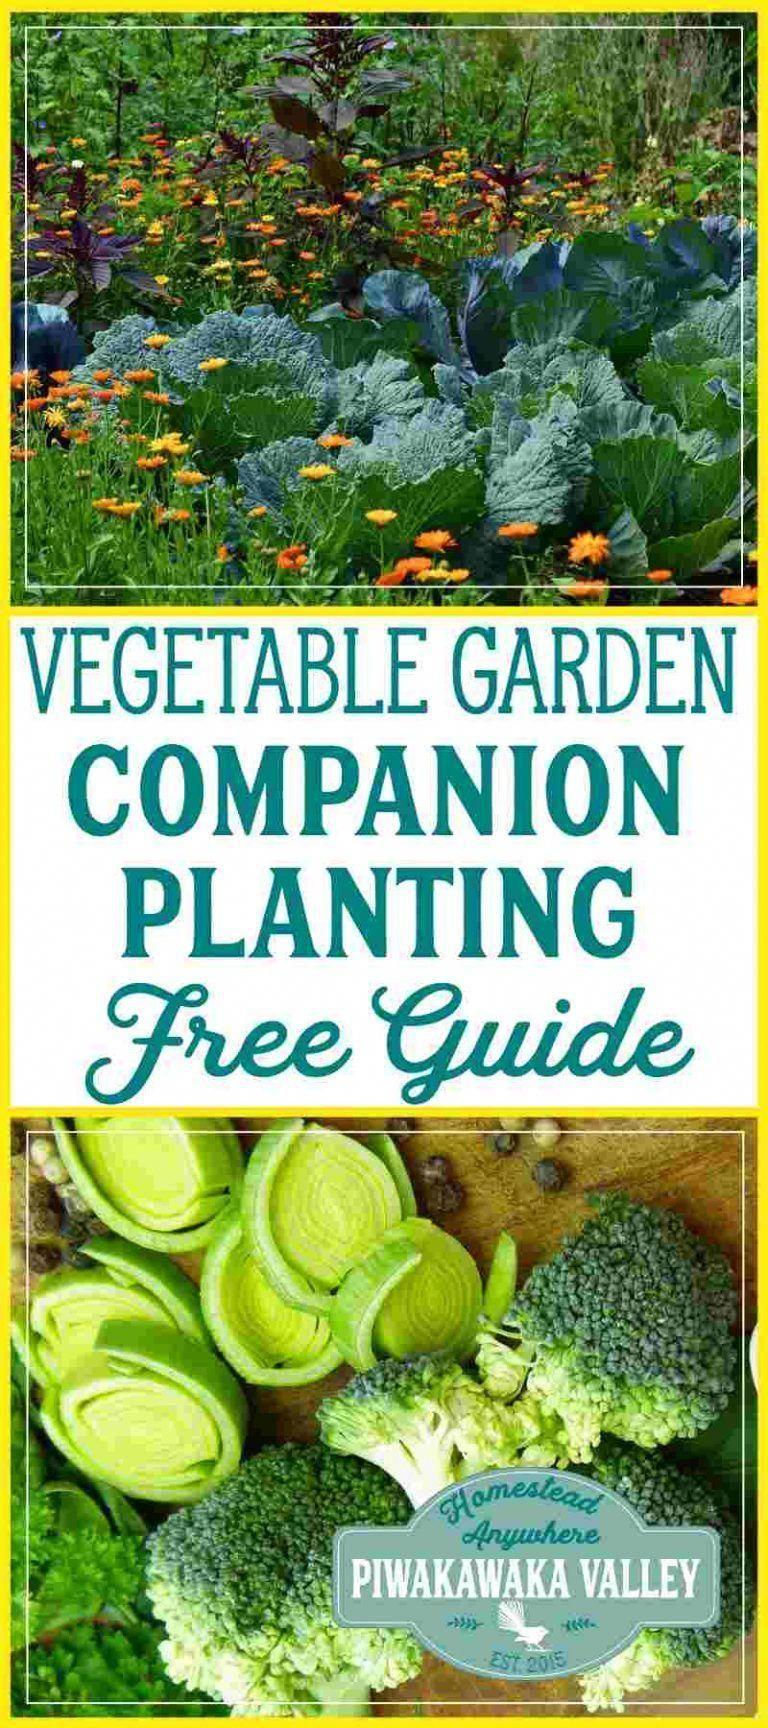 2a609bd3ee6e980e161449eab208dca3 - The Year Round Vegetable Gardener Pdf